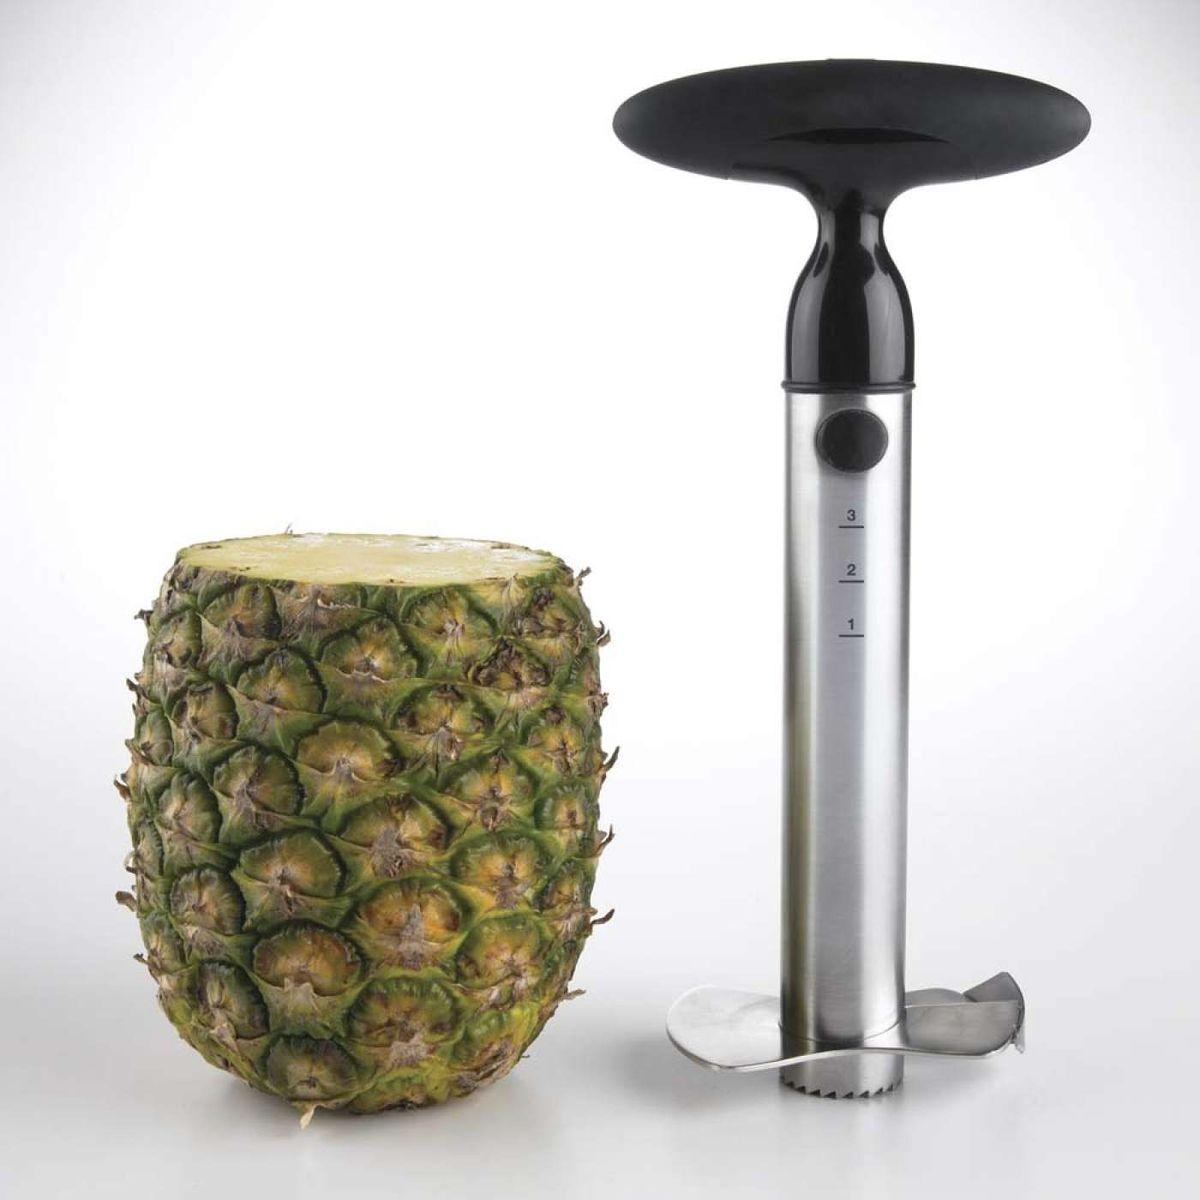 """Нож для ананаса """"OXO"""" выполненный из нержавеющая сталь быстро и легко нарезает свежий  ананас на ломтики. Она вкручивается как отвертка, отделяя мякоть ровными кольцами и оставляя жесткую  сердцевину в оболочке. Один поворот отделяет одно кольцо, также можно нарезать весь ананас  сразу. Оболочка ананаса остается неповрежденной и может использоваться для сервировки  десерта или фруктового салата. С ножом для ананаса вы нарежете свежий сочный ананас  аккуратно, без забот и быстрее, чем открыли бы консервную банку.  Особенности:  - Удобная  поворотная головка для непрерывного вращения при нарезке. - Маркировка измерений на корпусе помогает предотвратить прокалывание нижней части  оболочки ананаса. - Лезвие среднего размера из нержавеющей стали имеет удобную форму для компактного  хранения. - Удобная разборная конструкция для легкой очистки. - Возможно мытье в посудомоечной машине."""